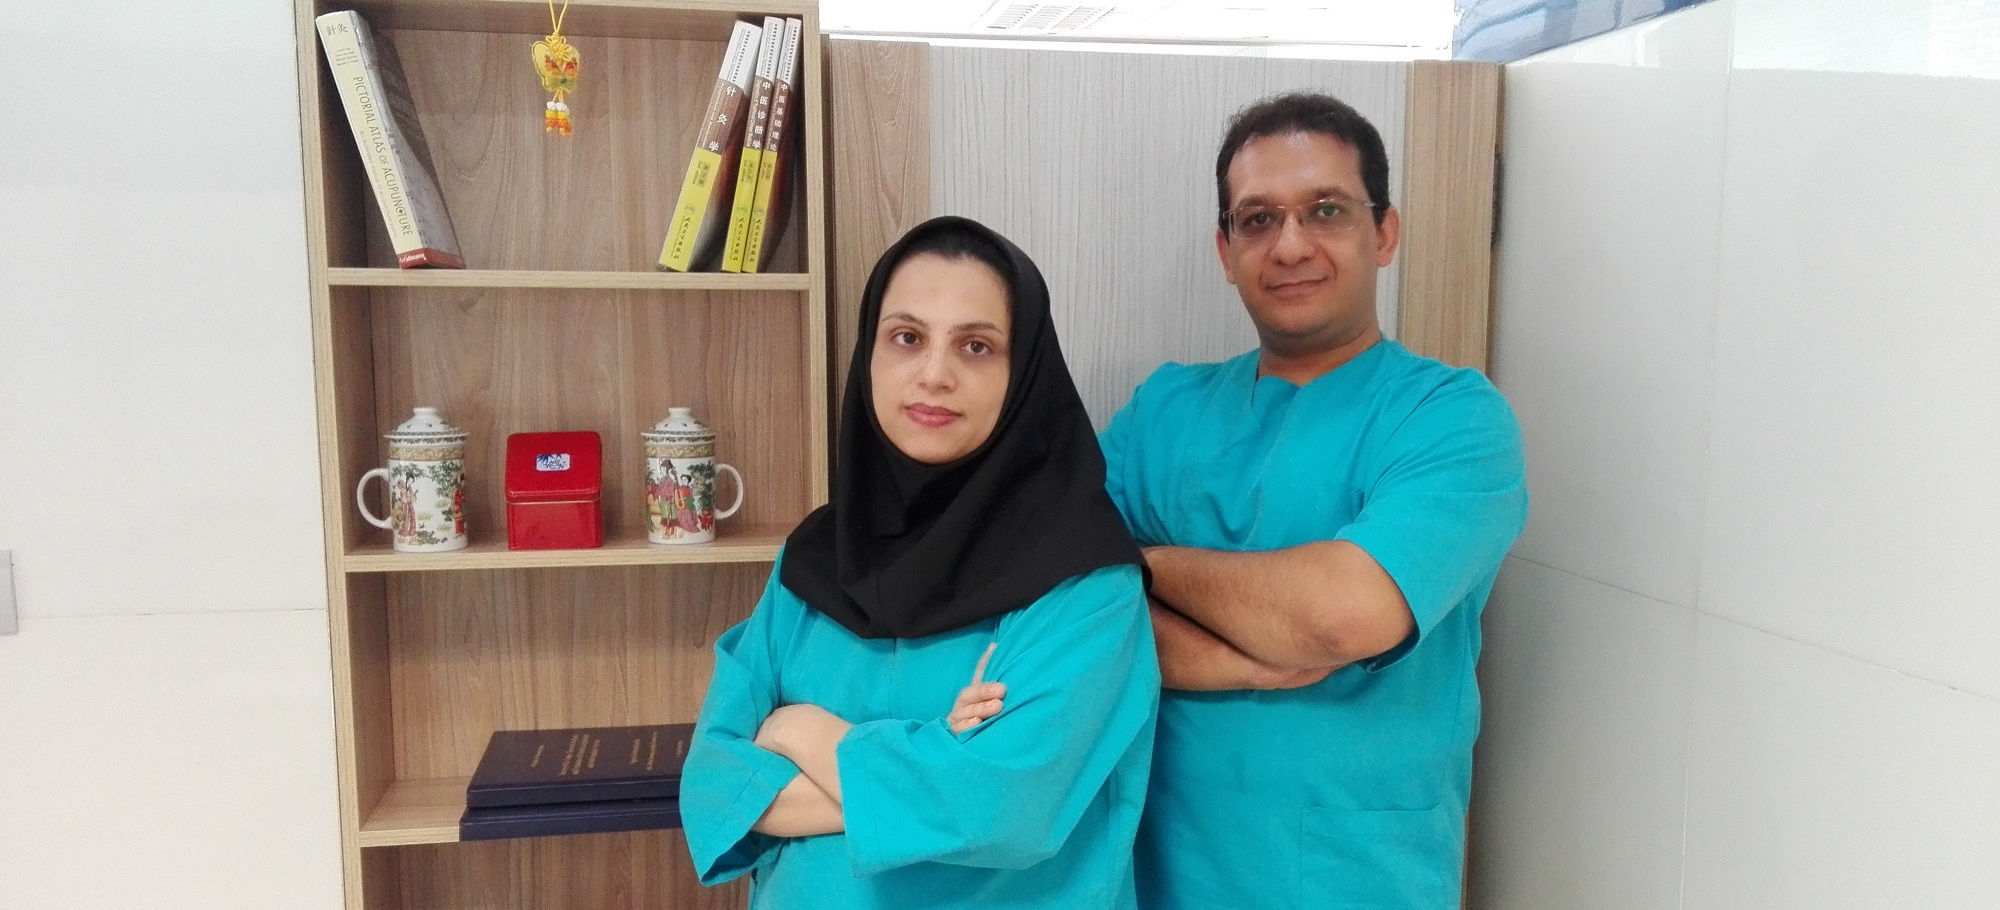 دکتر قائمی نیا و دکتر زارعی